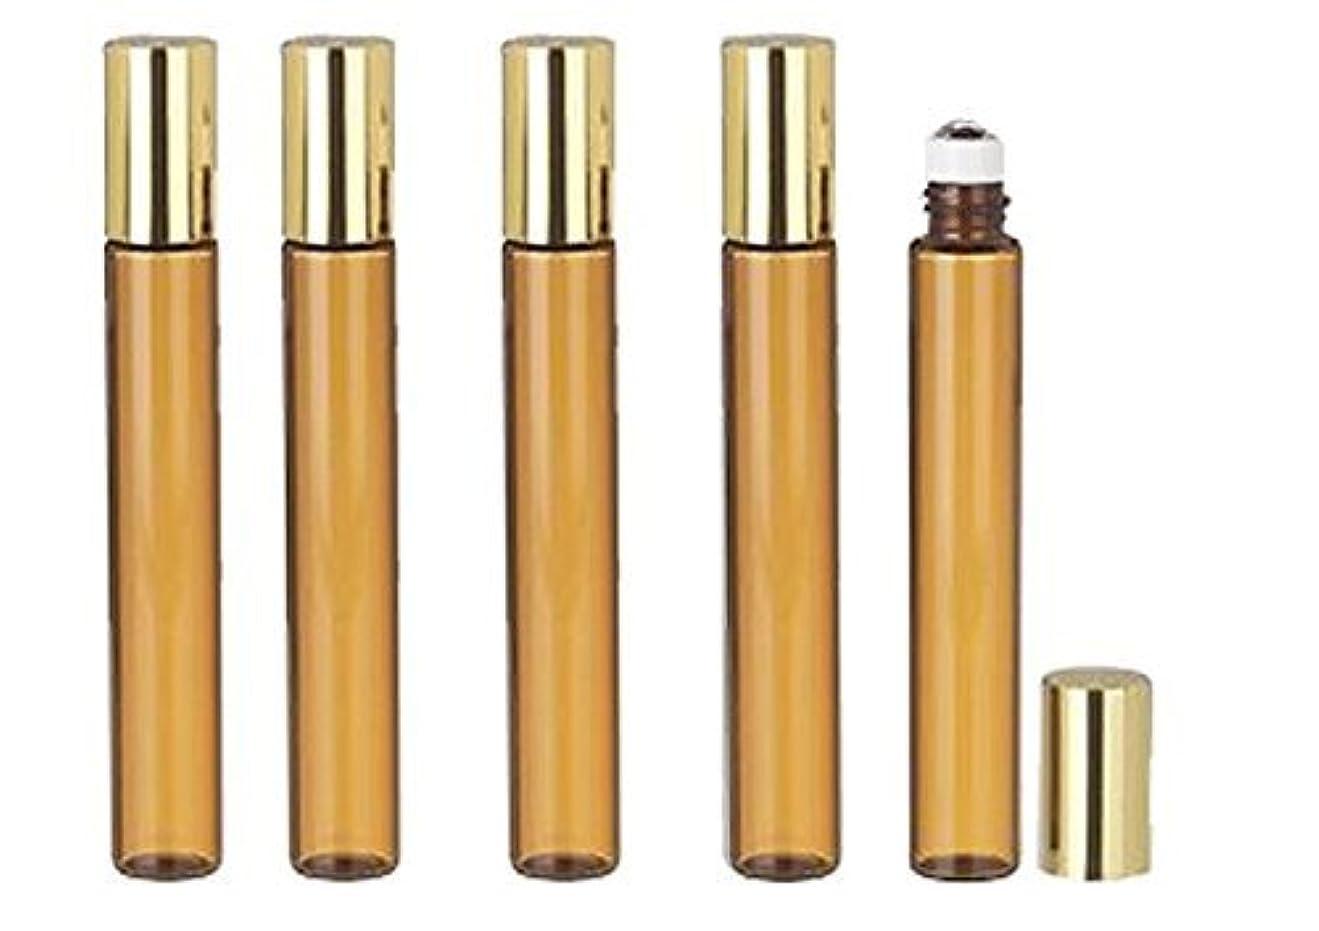 コート金曜日癌Grand Parfums 12 Pcs Thin Tall Amber Glass Brown 10ml Roll on Bottle with Gold Metallic Caps for Essential Oil...